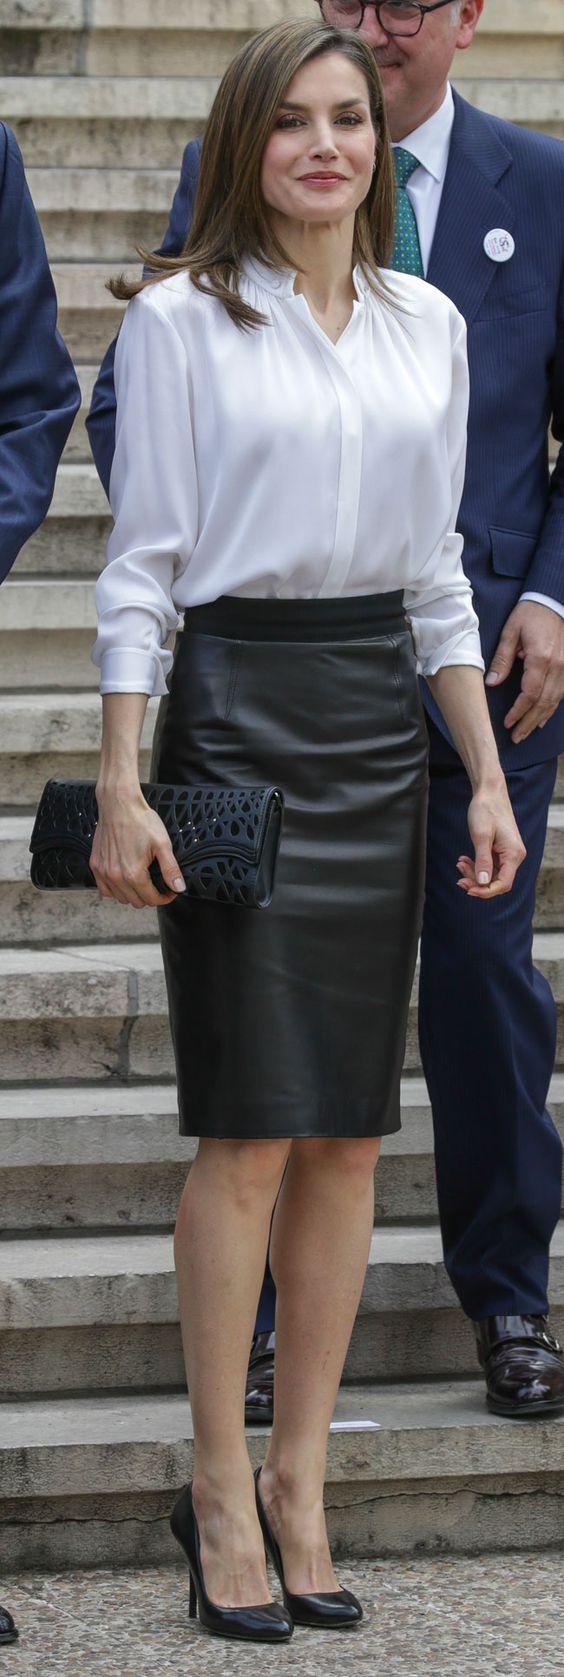 718931fc6 Moda para Mujeres de 40 2019 - 2020 con outfit